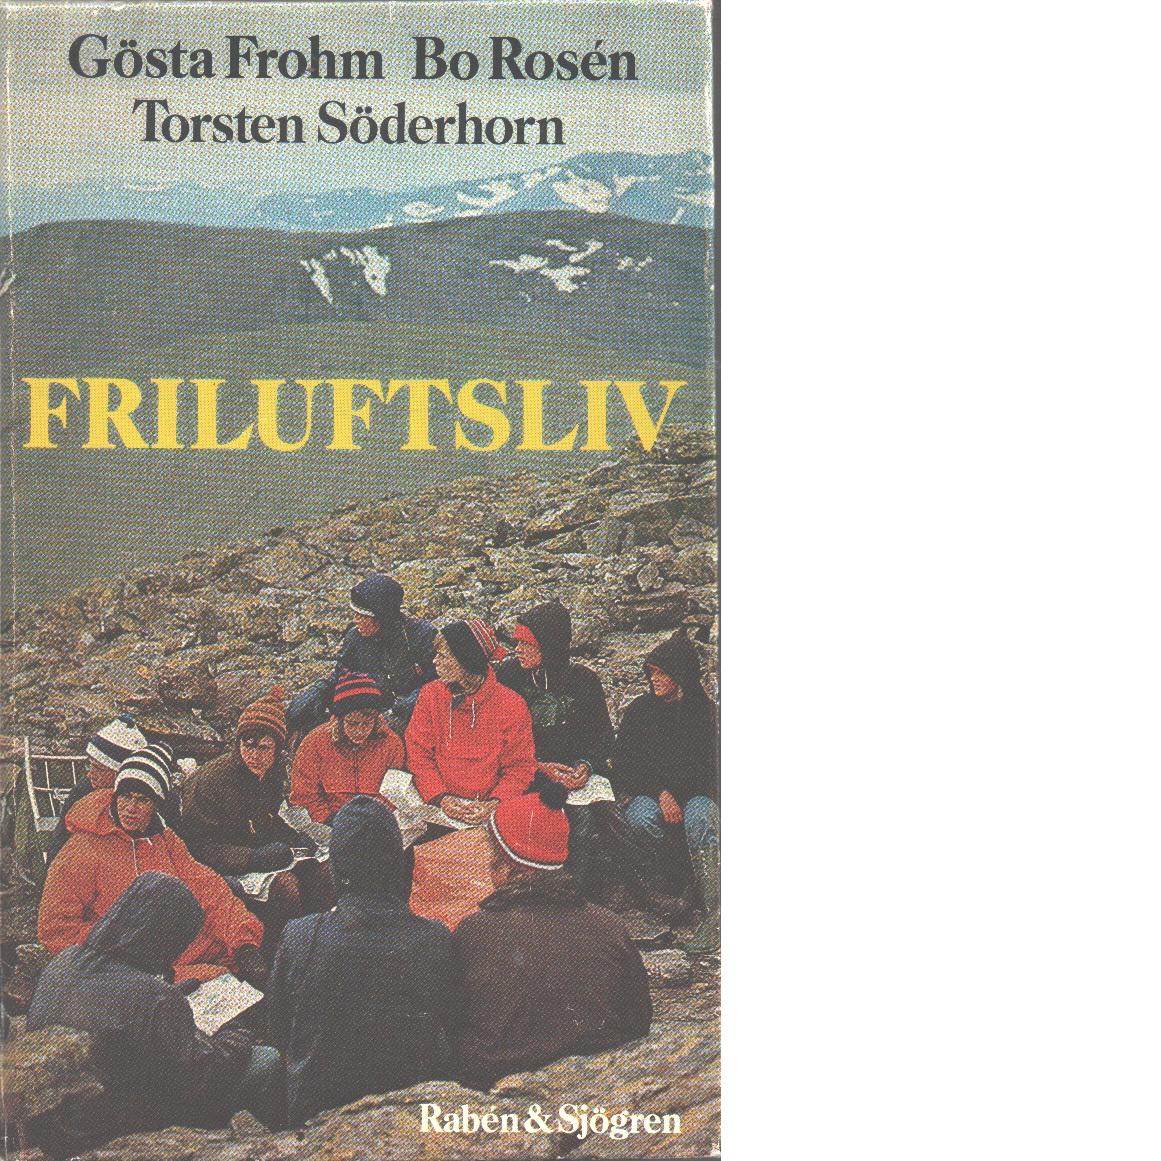 Friluftsliv : handbok för friluftsledare - Frohm, Gösta och Rosén, Bo samt Söderhorn, Torsten